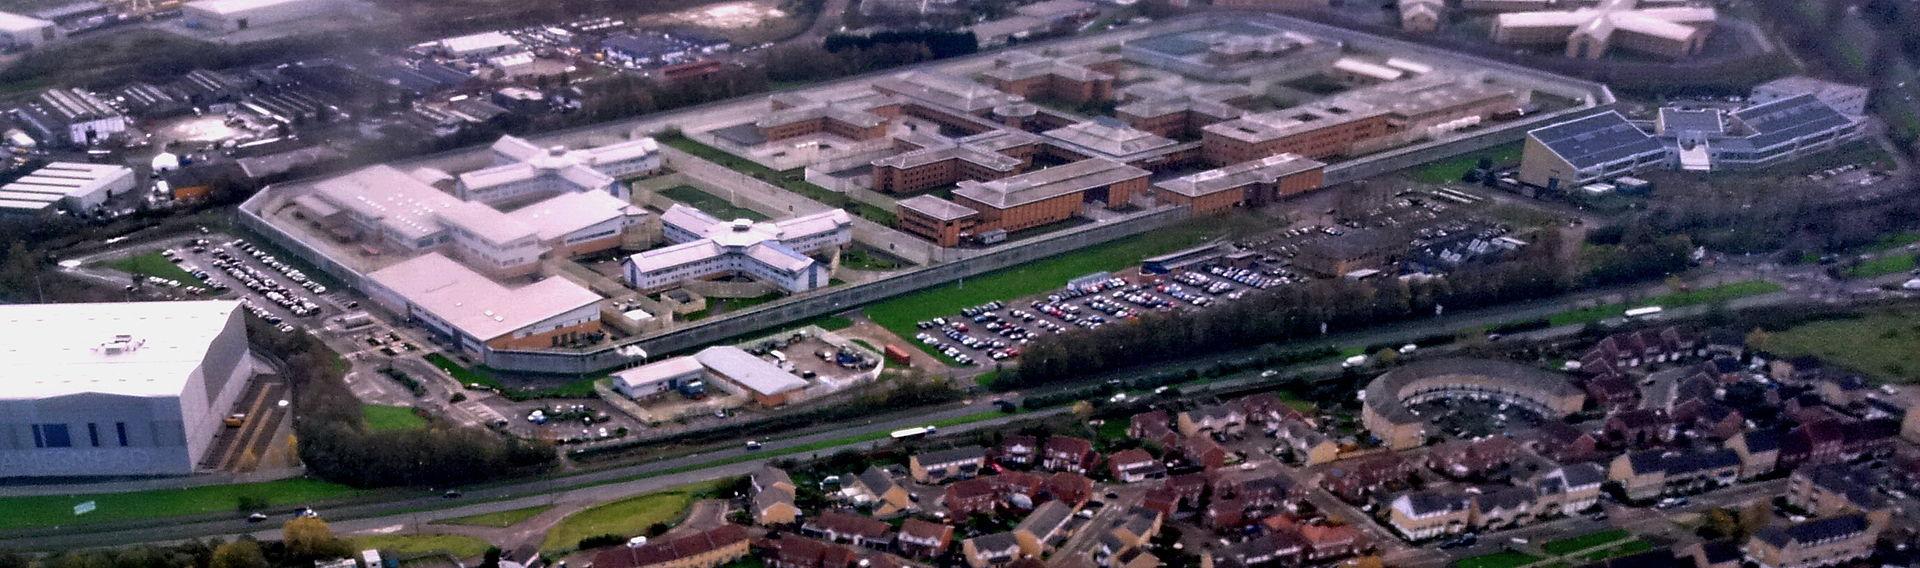 london_belmarsh_prison_aerial_view.jpg